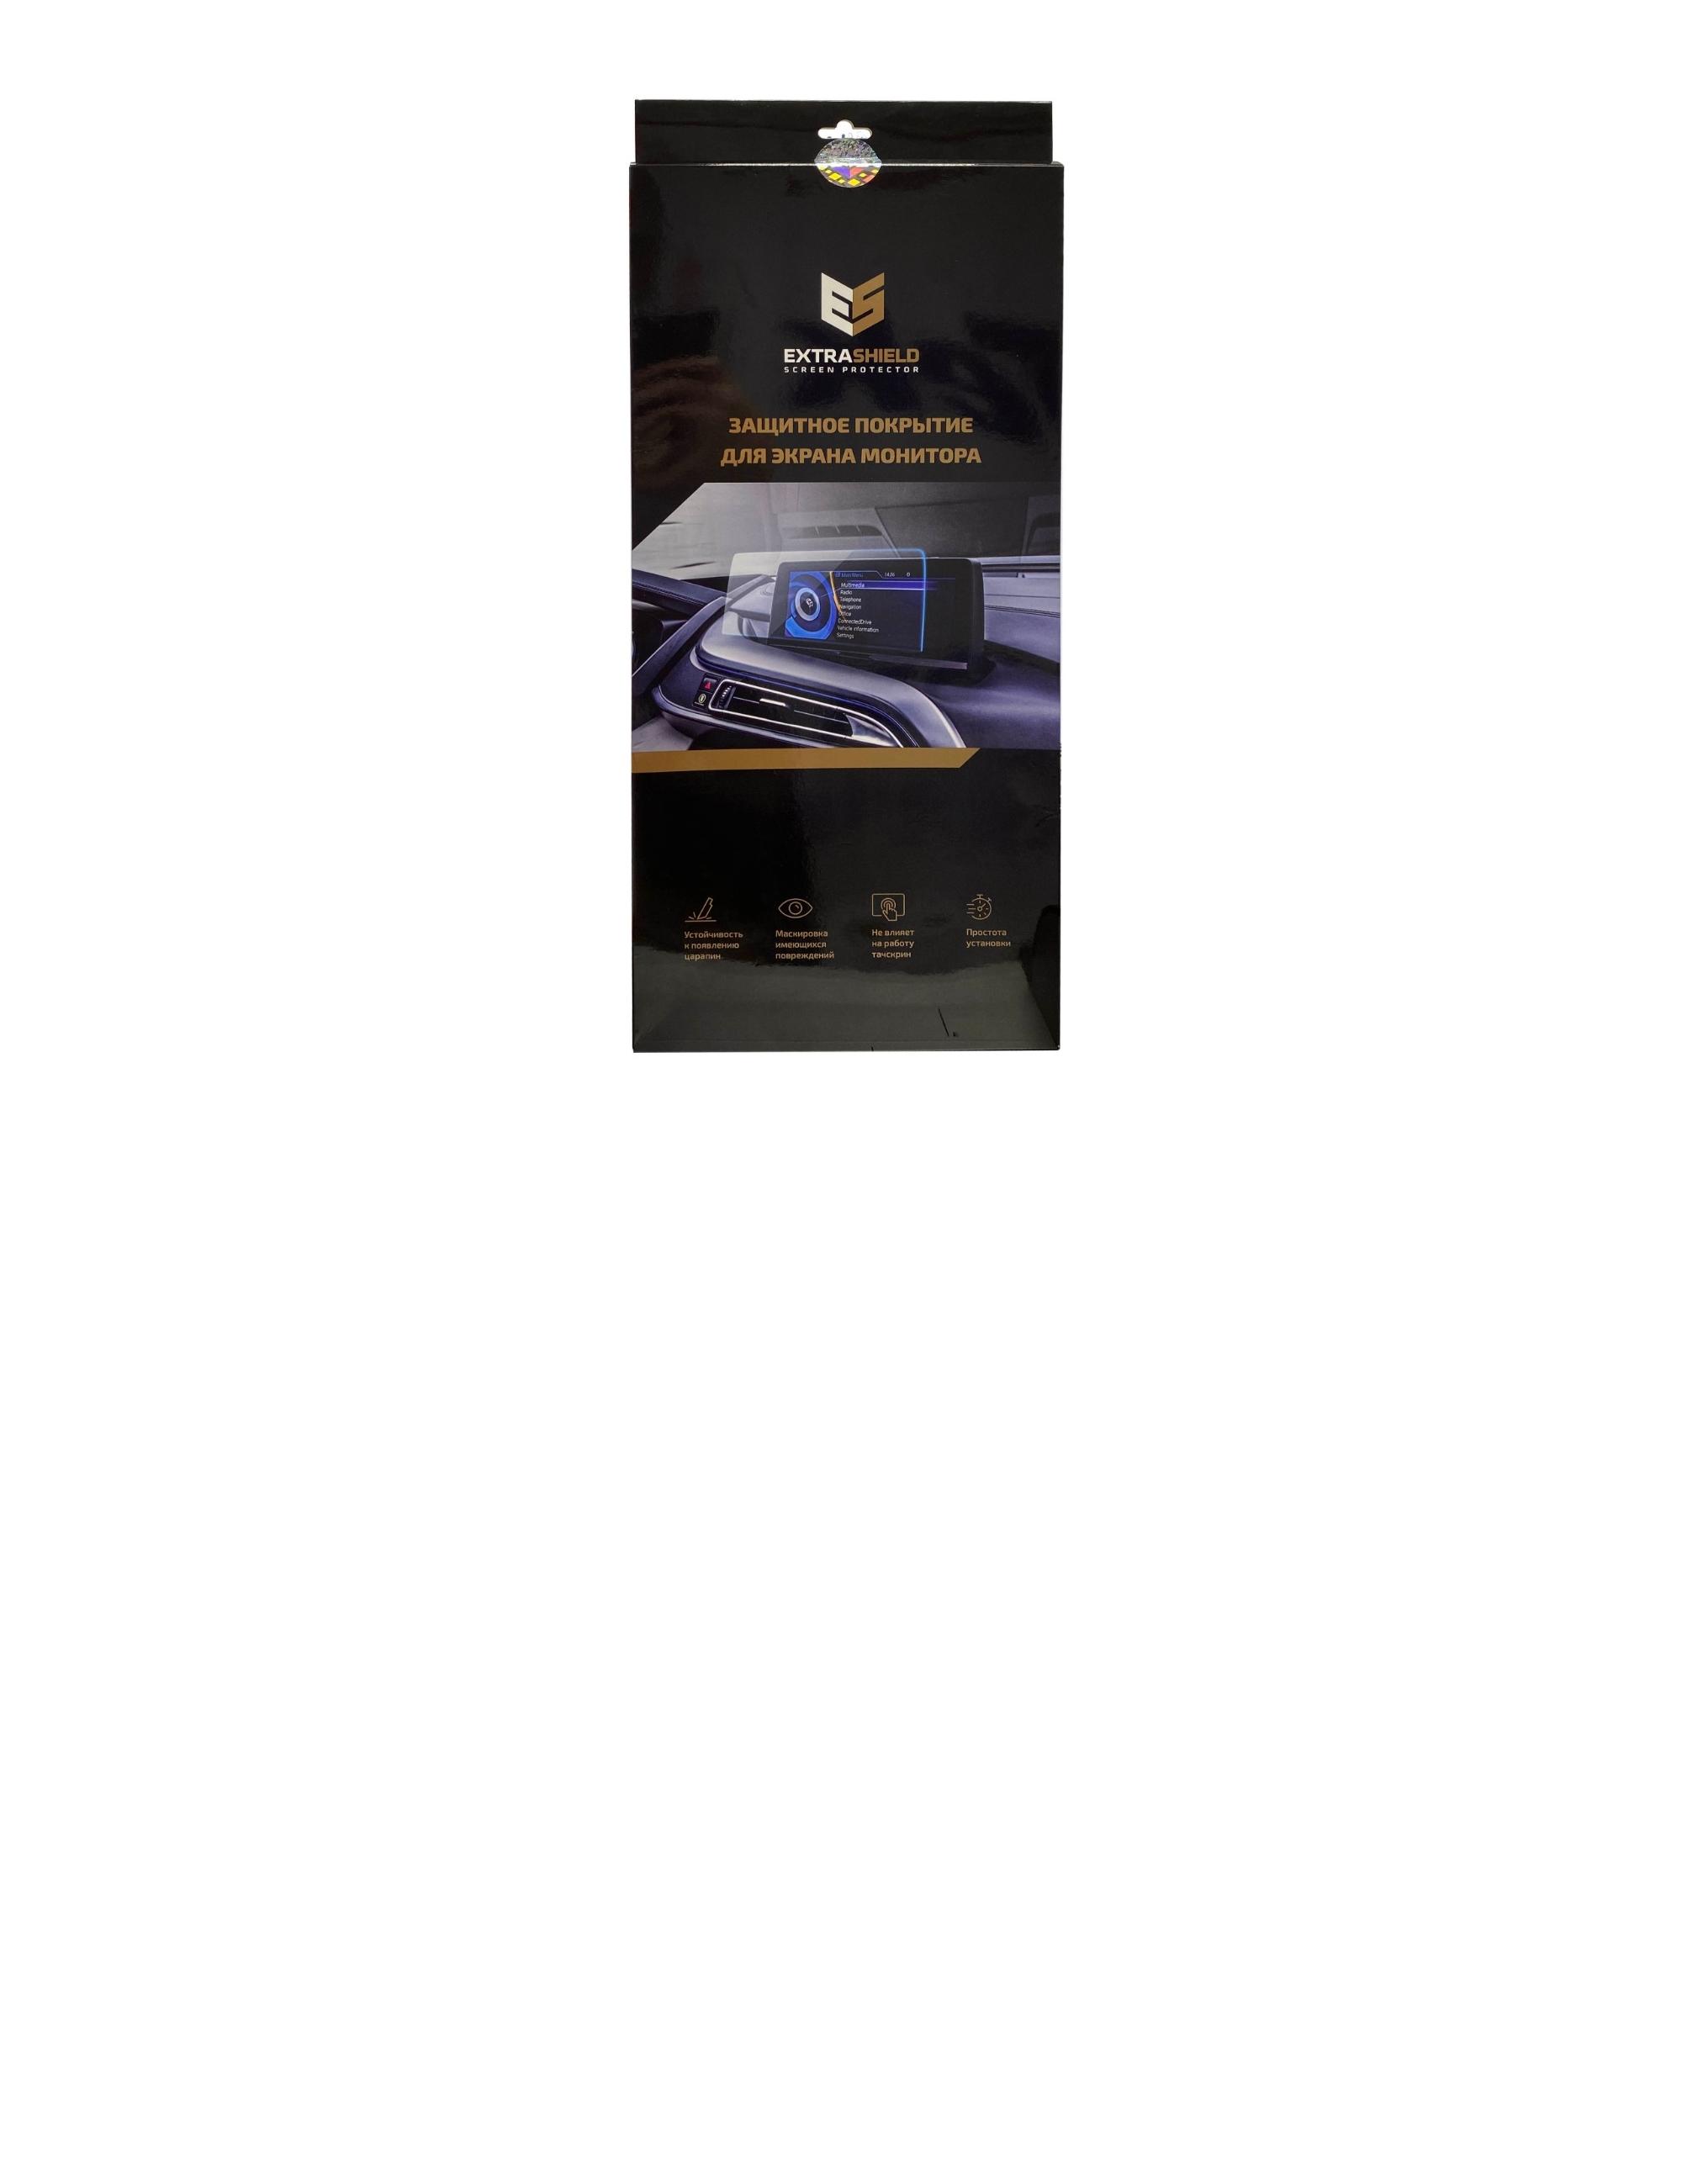 BMW 7 серия (F01/ F02) 2012 - 2015 мультимедиа NBT EVO 10.2 Защитное стекло Матовая